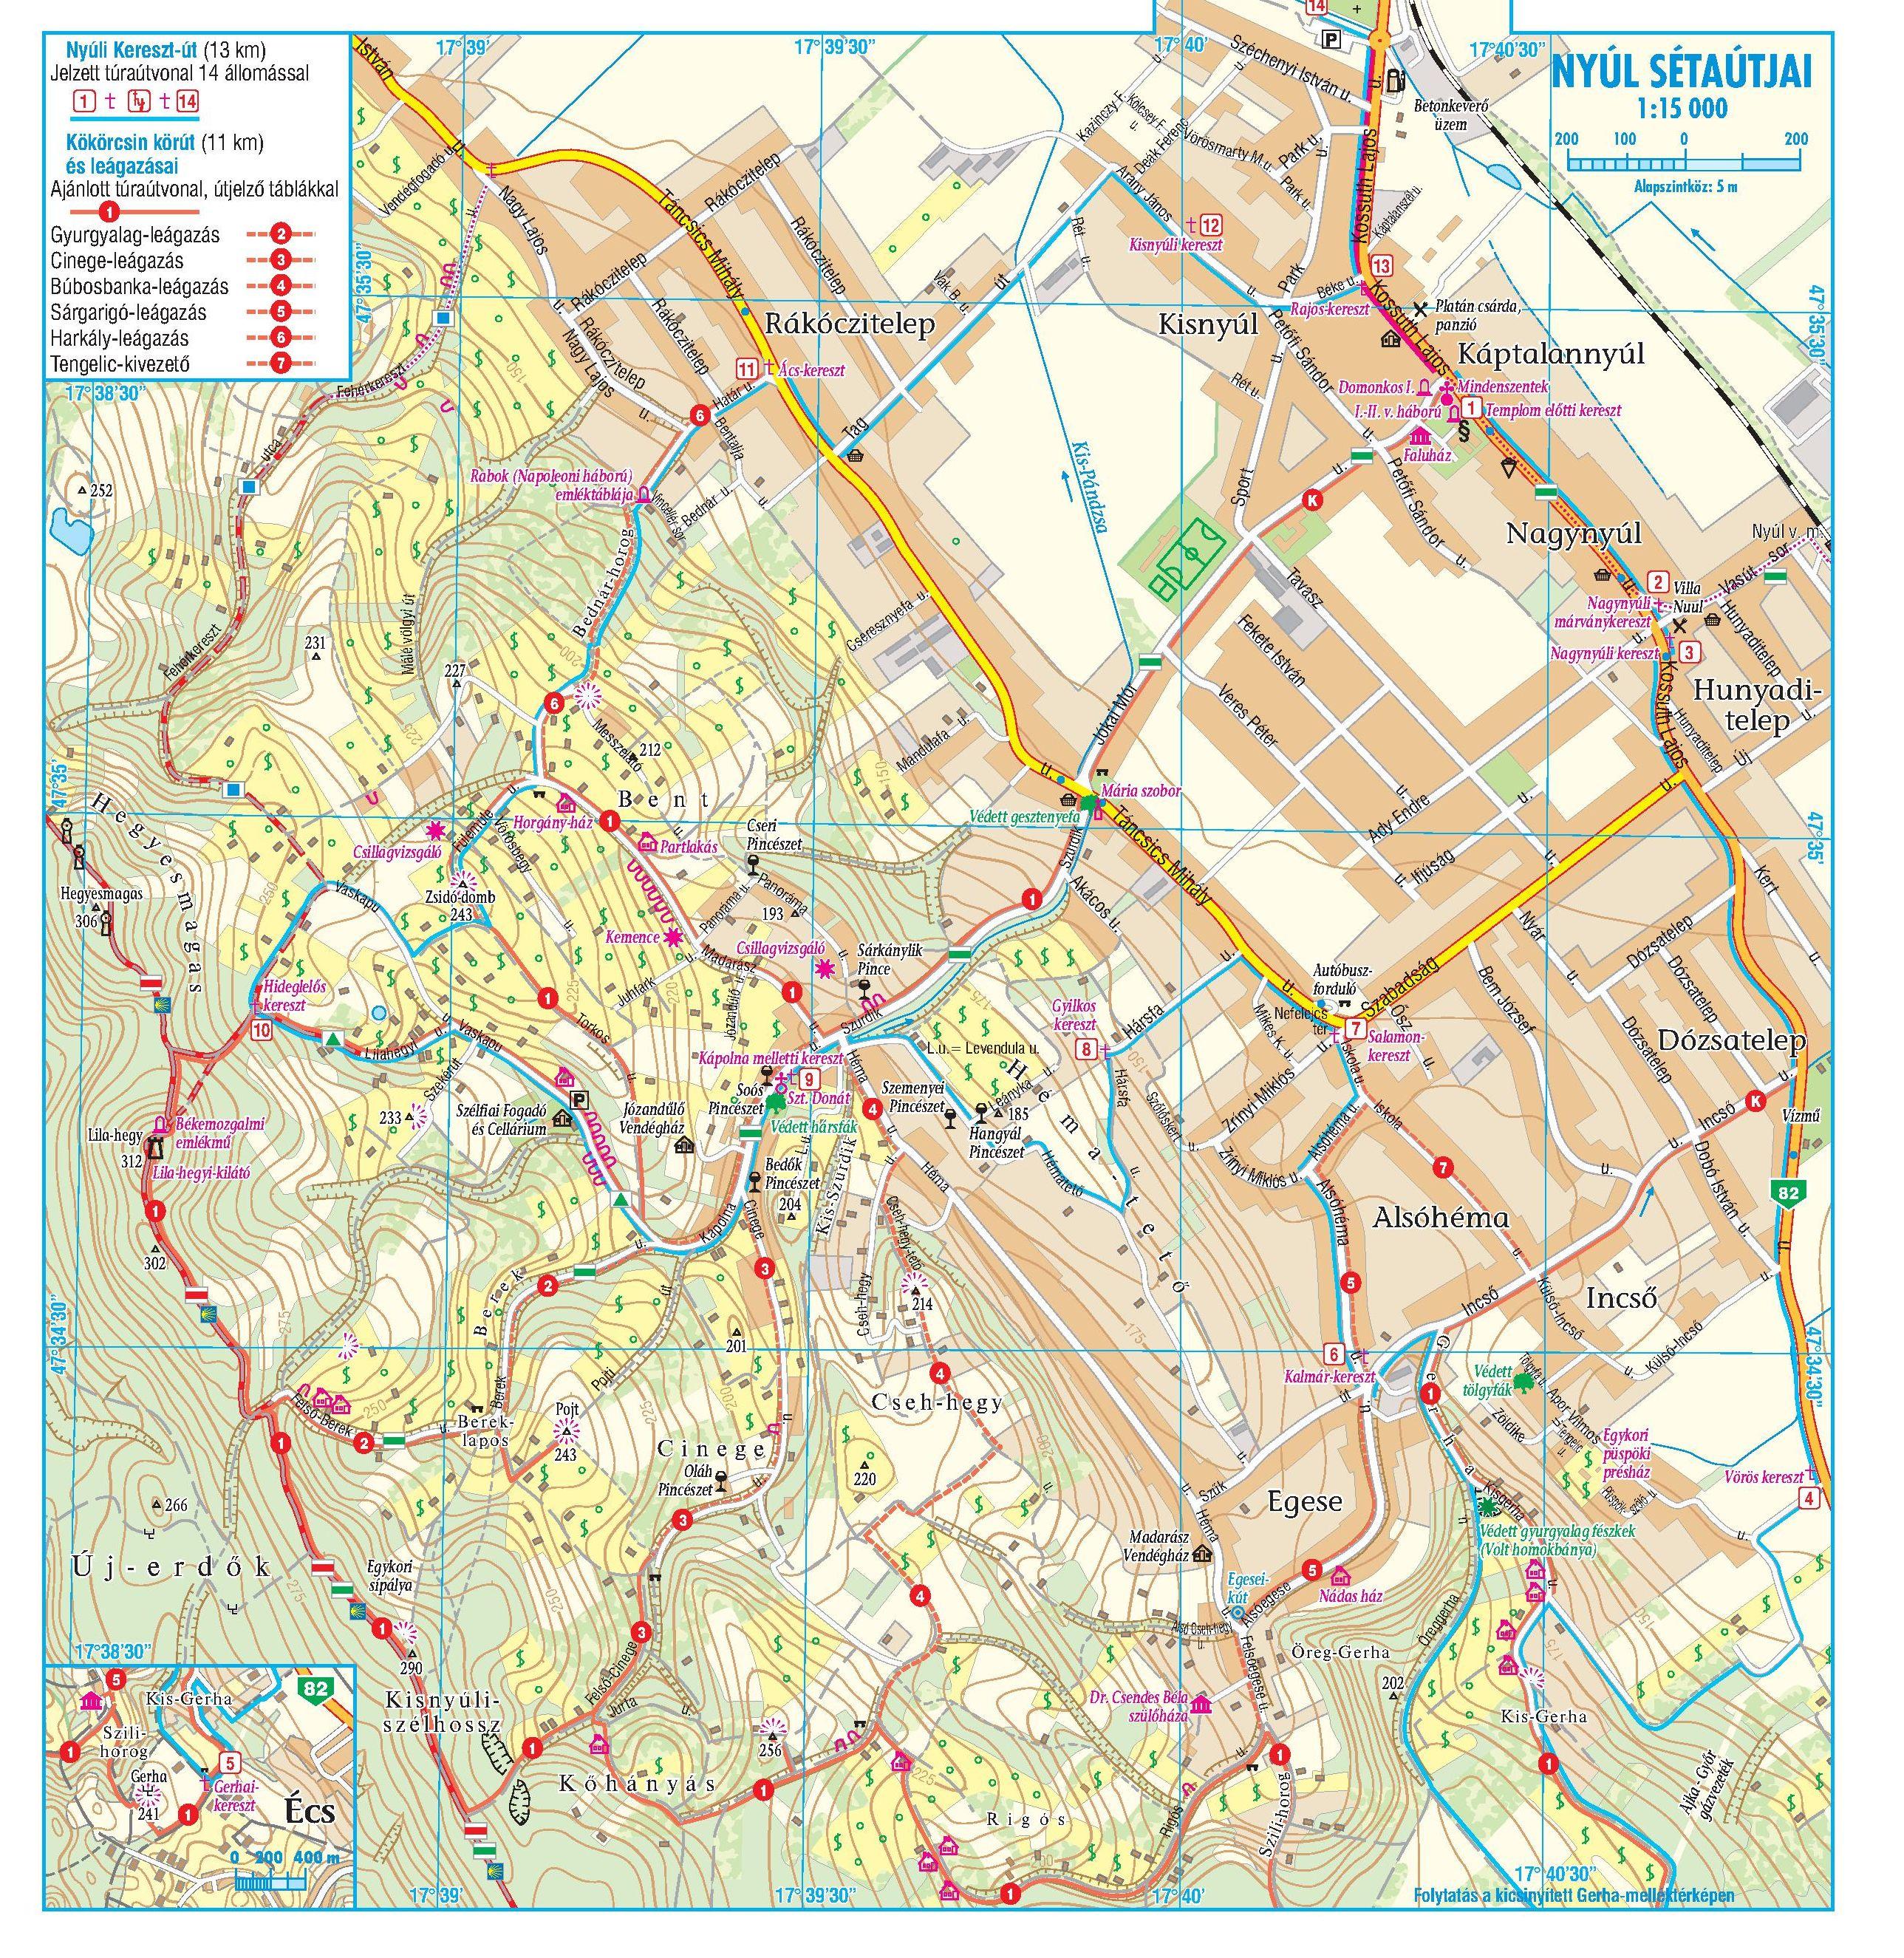 Sokoró/Cuha-völgye: Nyúl sétaútjai melléktérkép